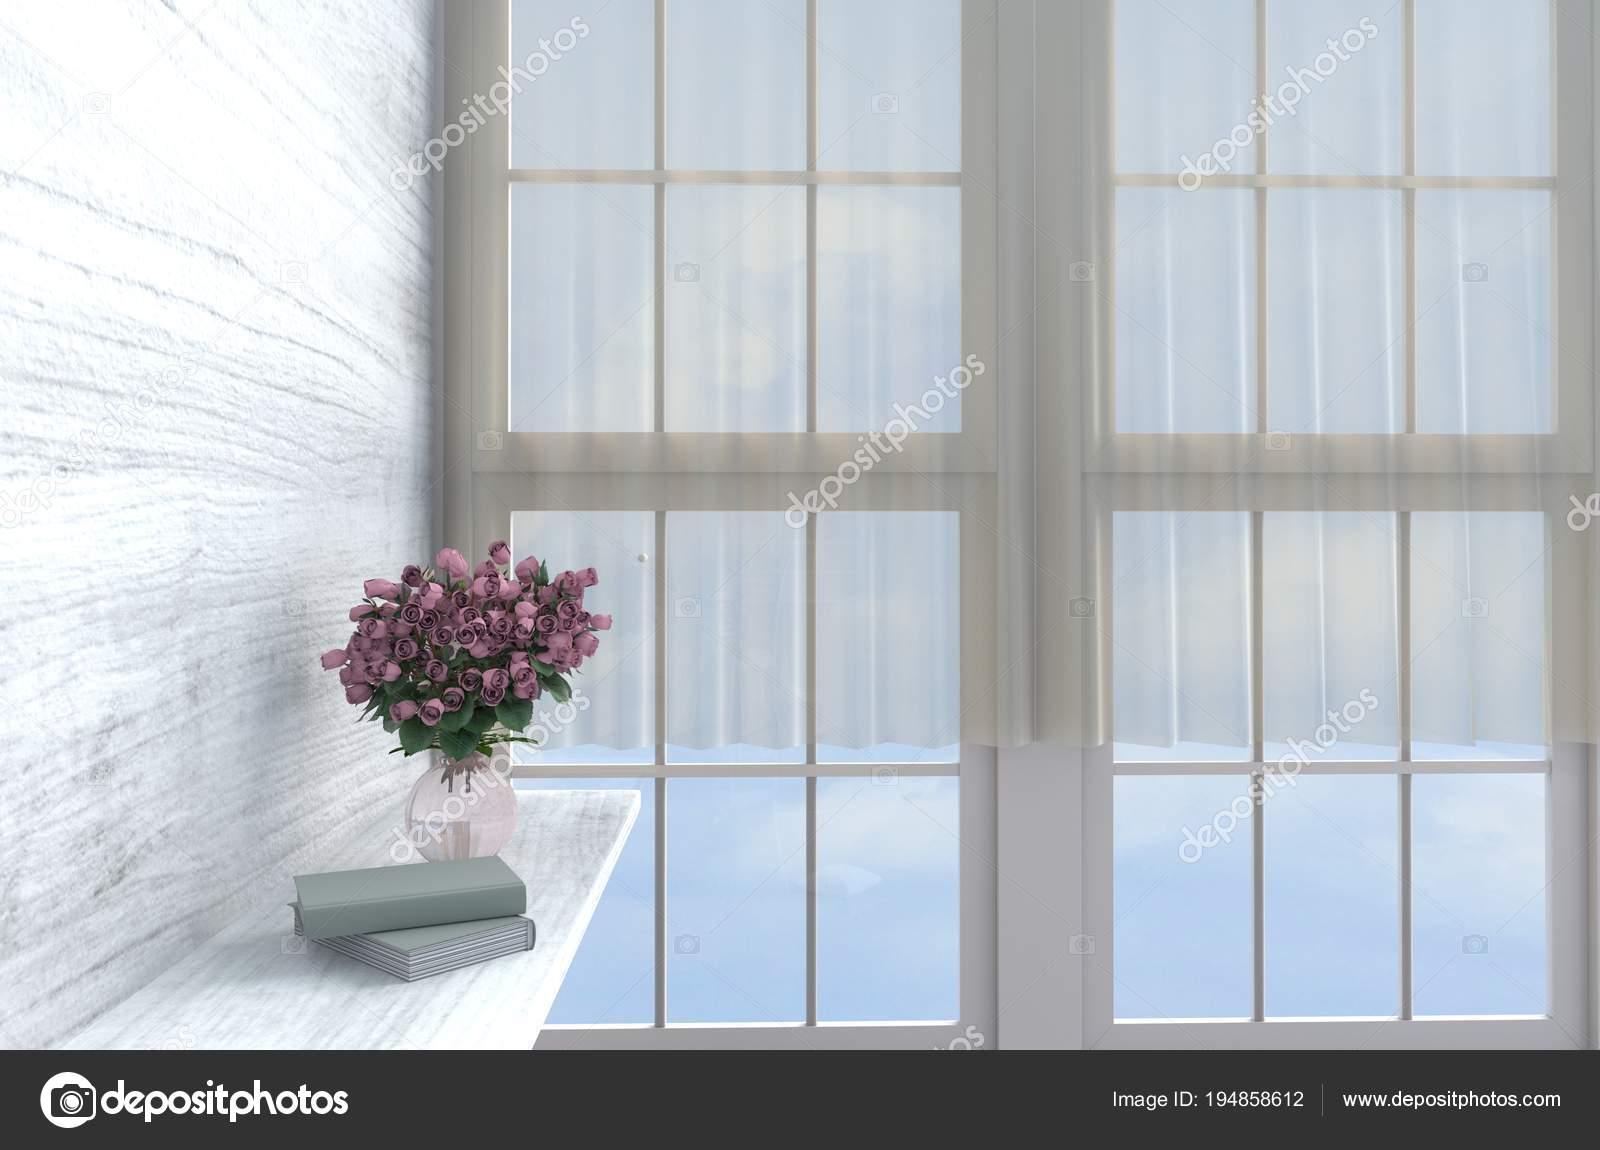 Grau Weiß Wohnzimmer Dekor Mit Wanduhr Weiße Holz Wand Fenster U2014 Stockfoto